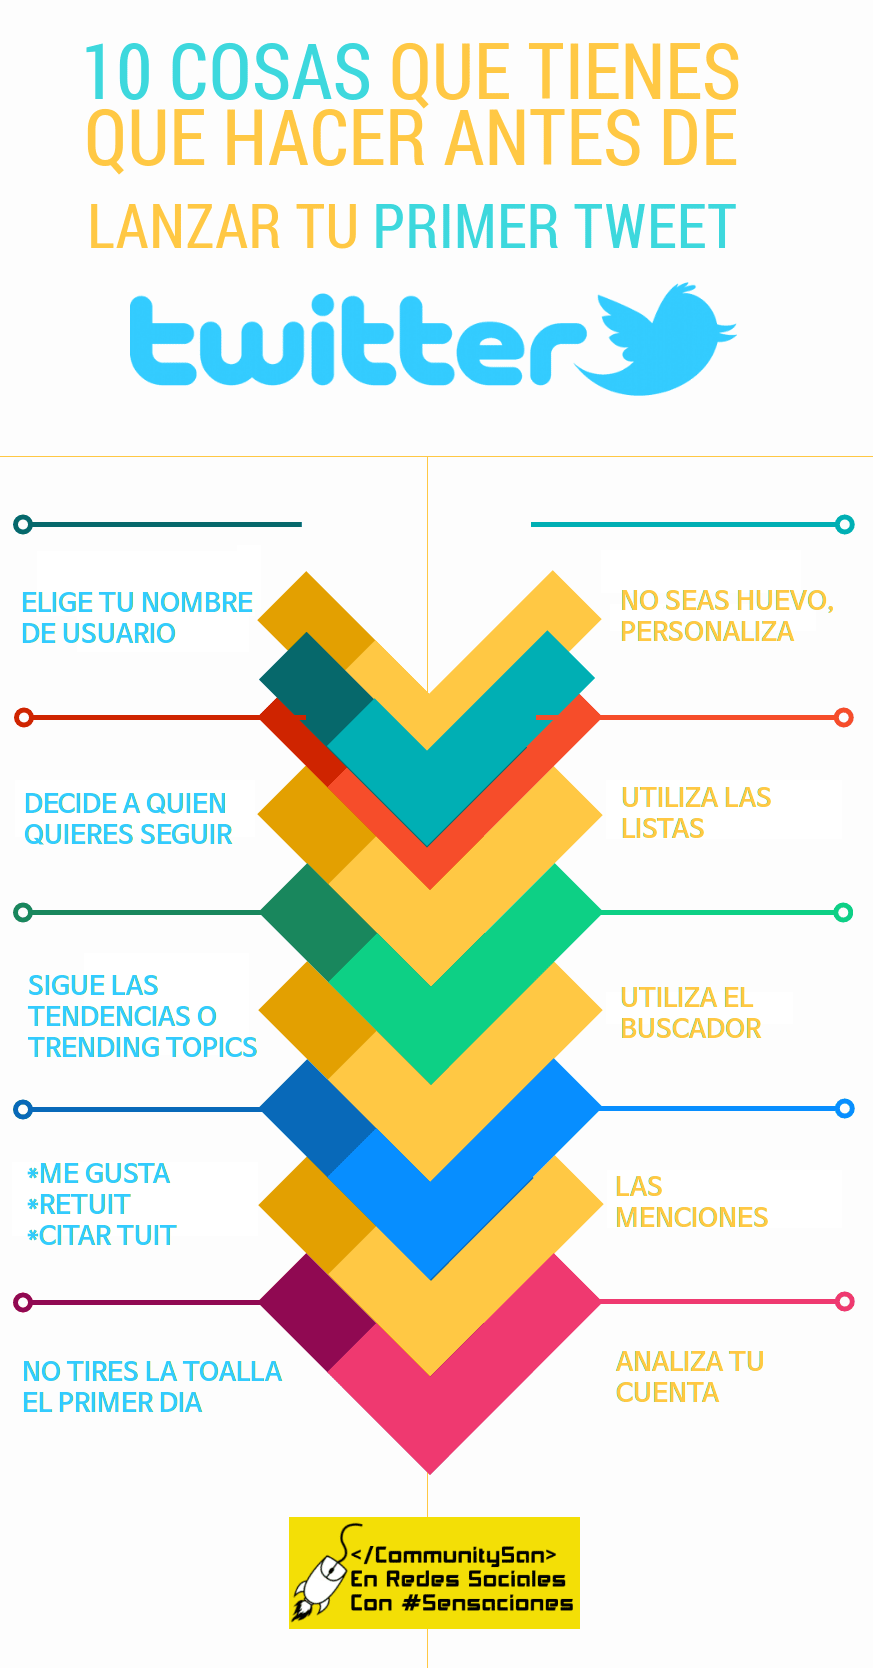 10 cosas que tienes que hacer antes de publicar tu primer Tweet #infografia #socialmedia